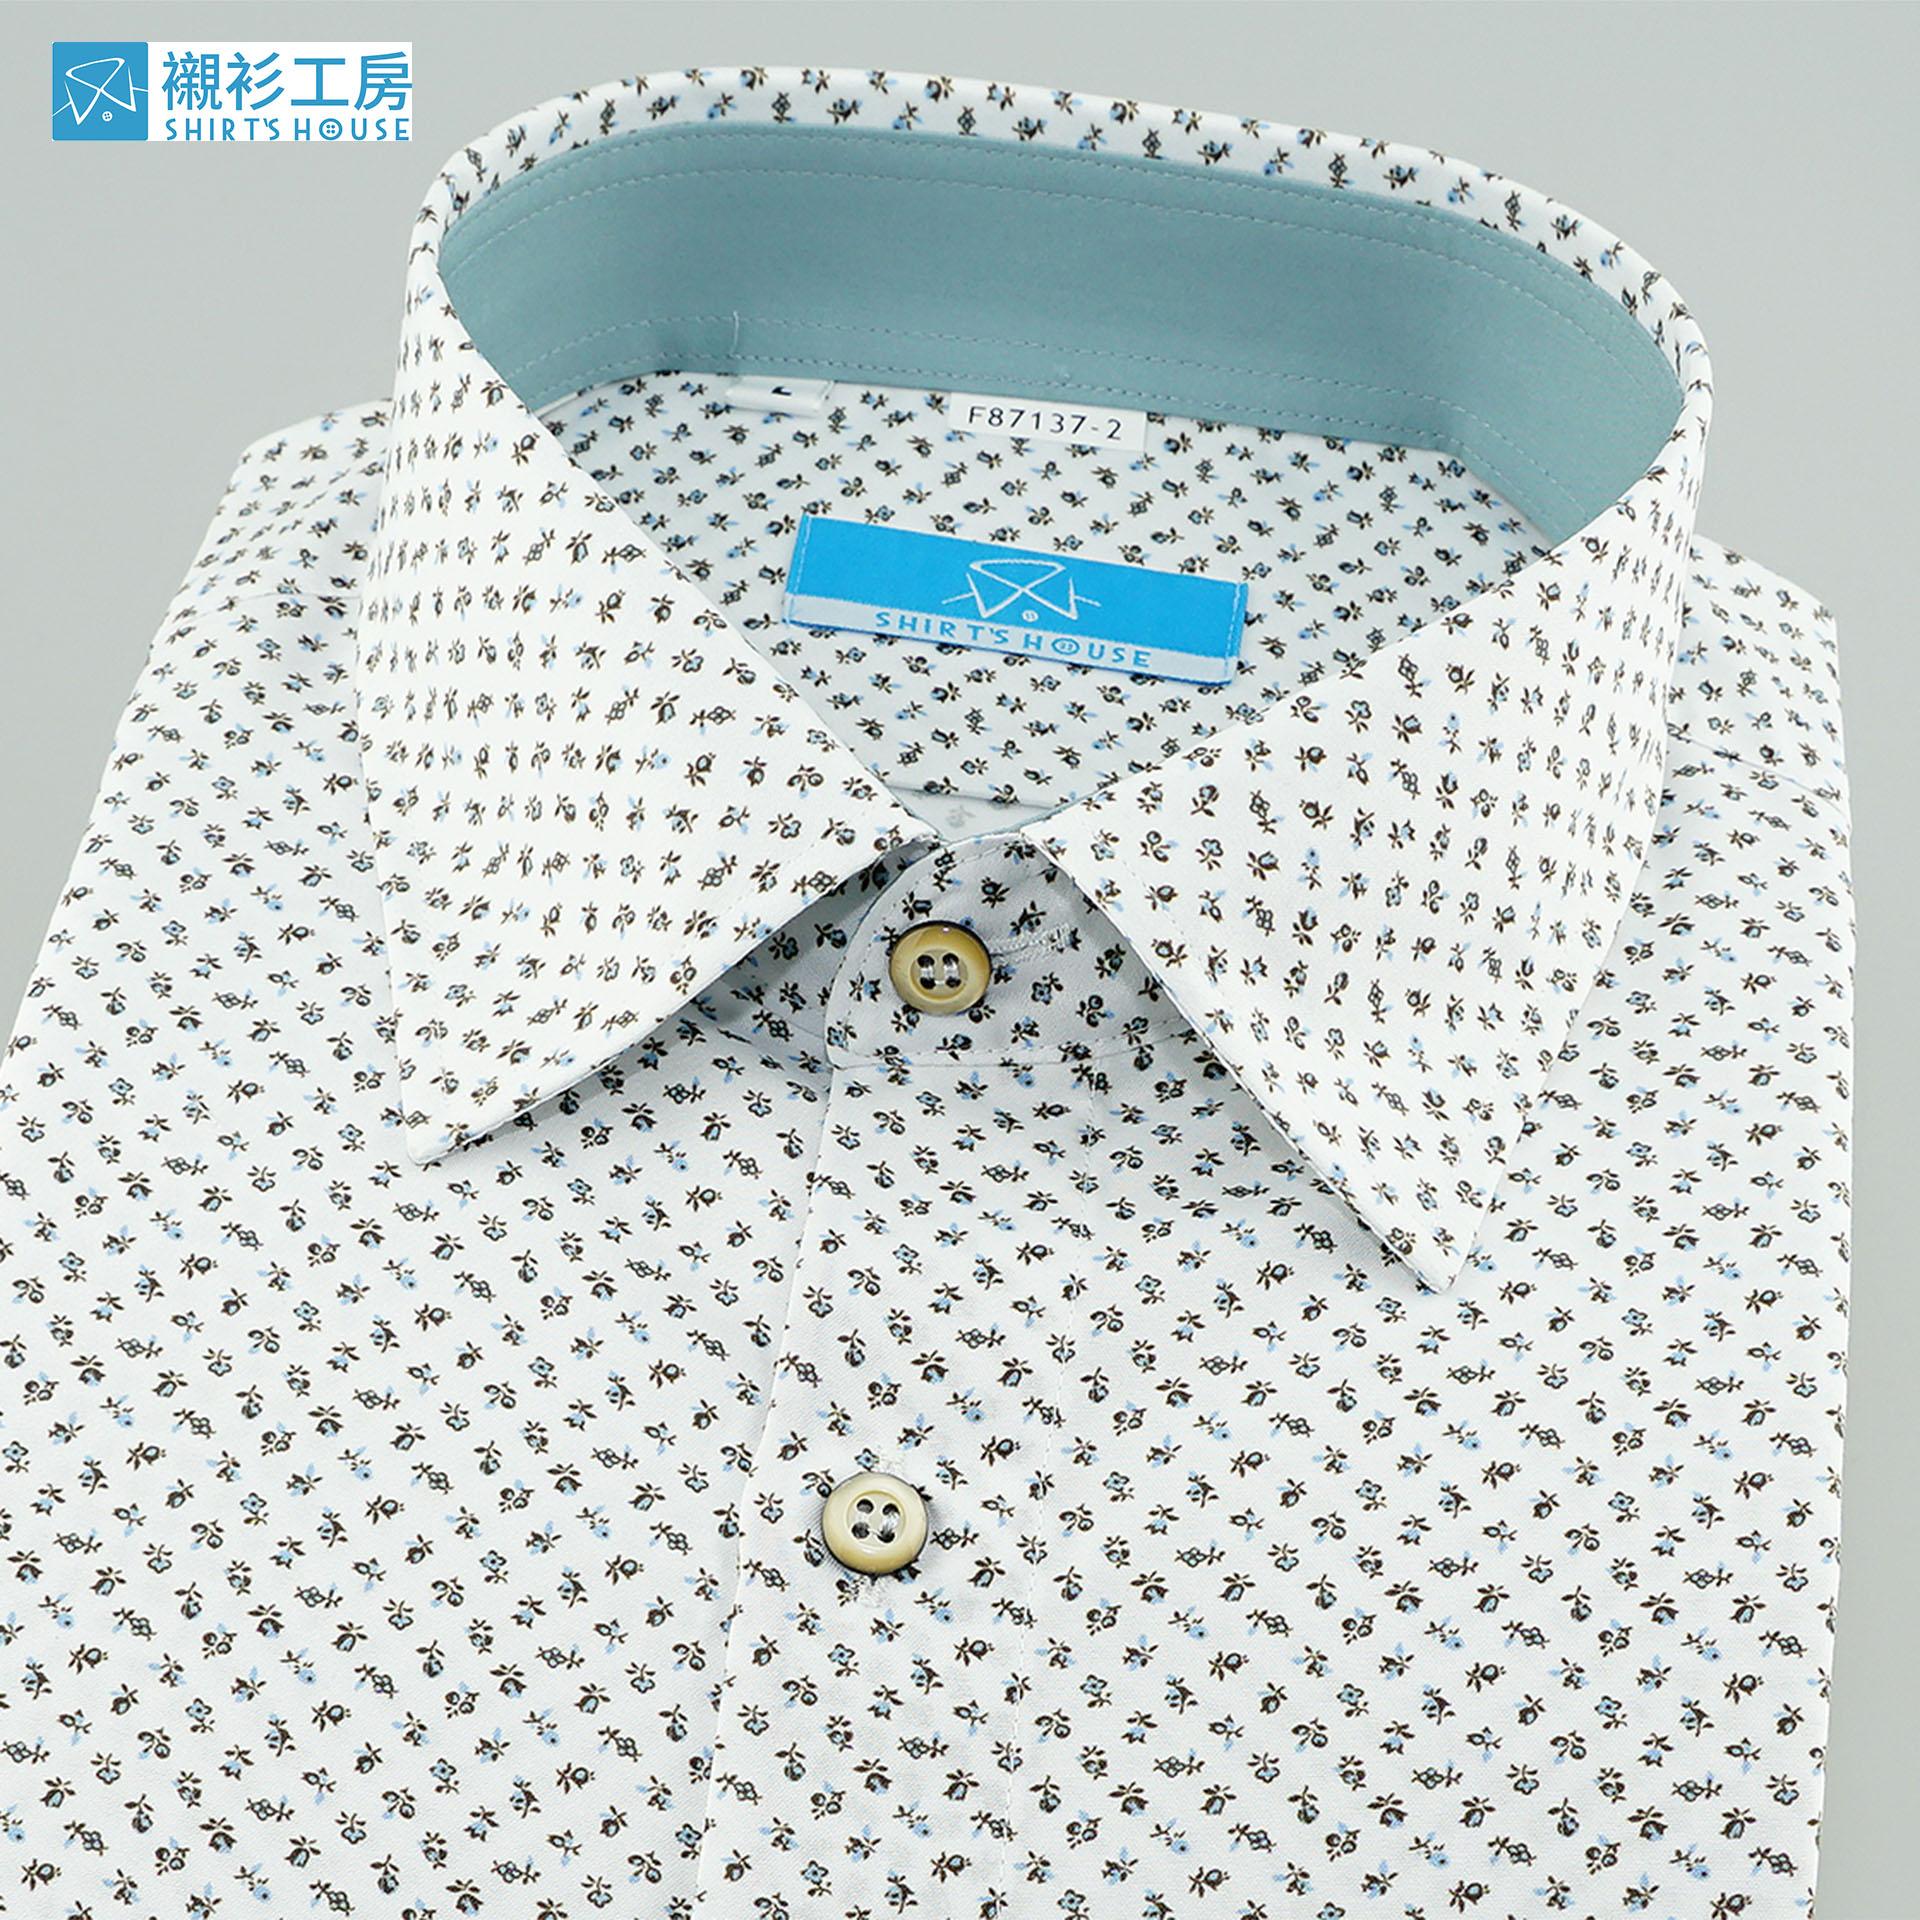 白底淺藍色抽象蜜蜂印花、時下正流行、領座配布合身長袖襯衫87137-02 -襯衫工房